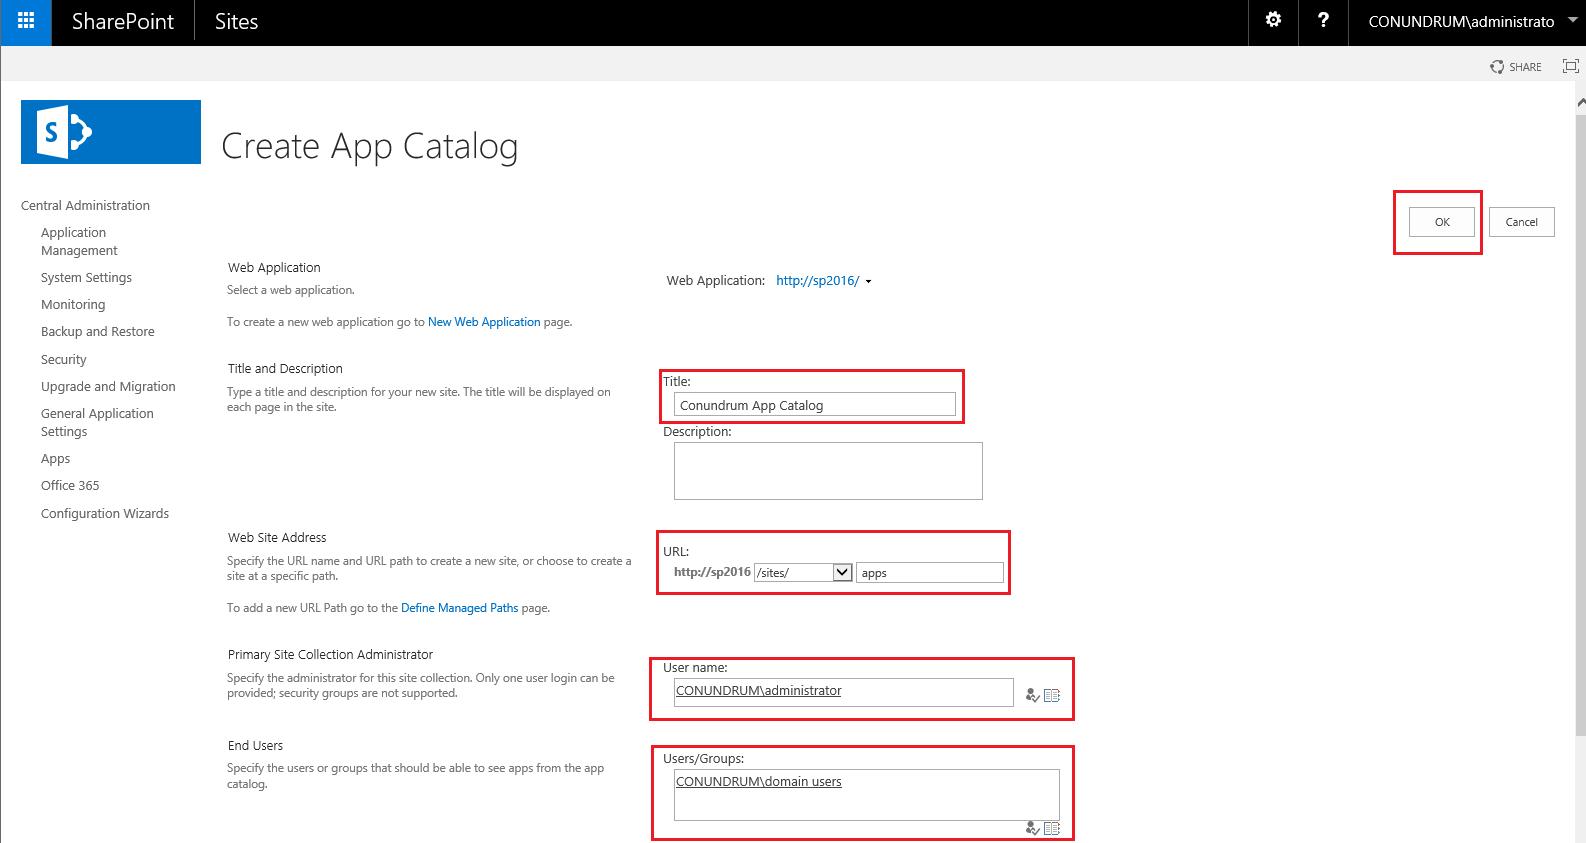 K2 - App Catalog creating App Catalog 3